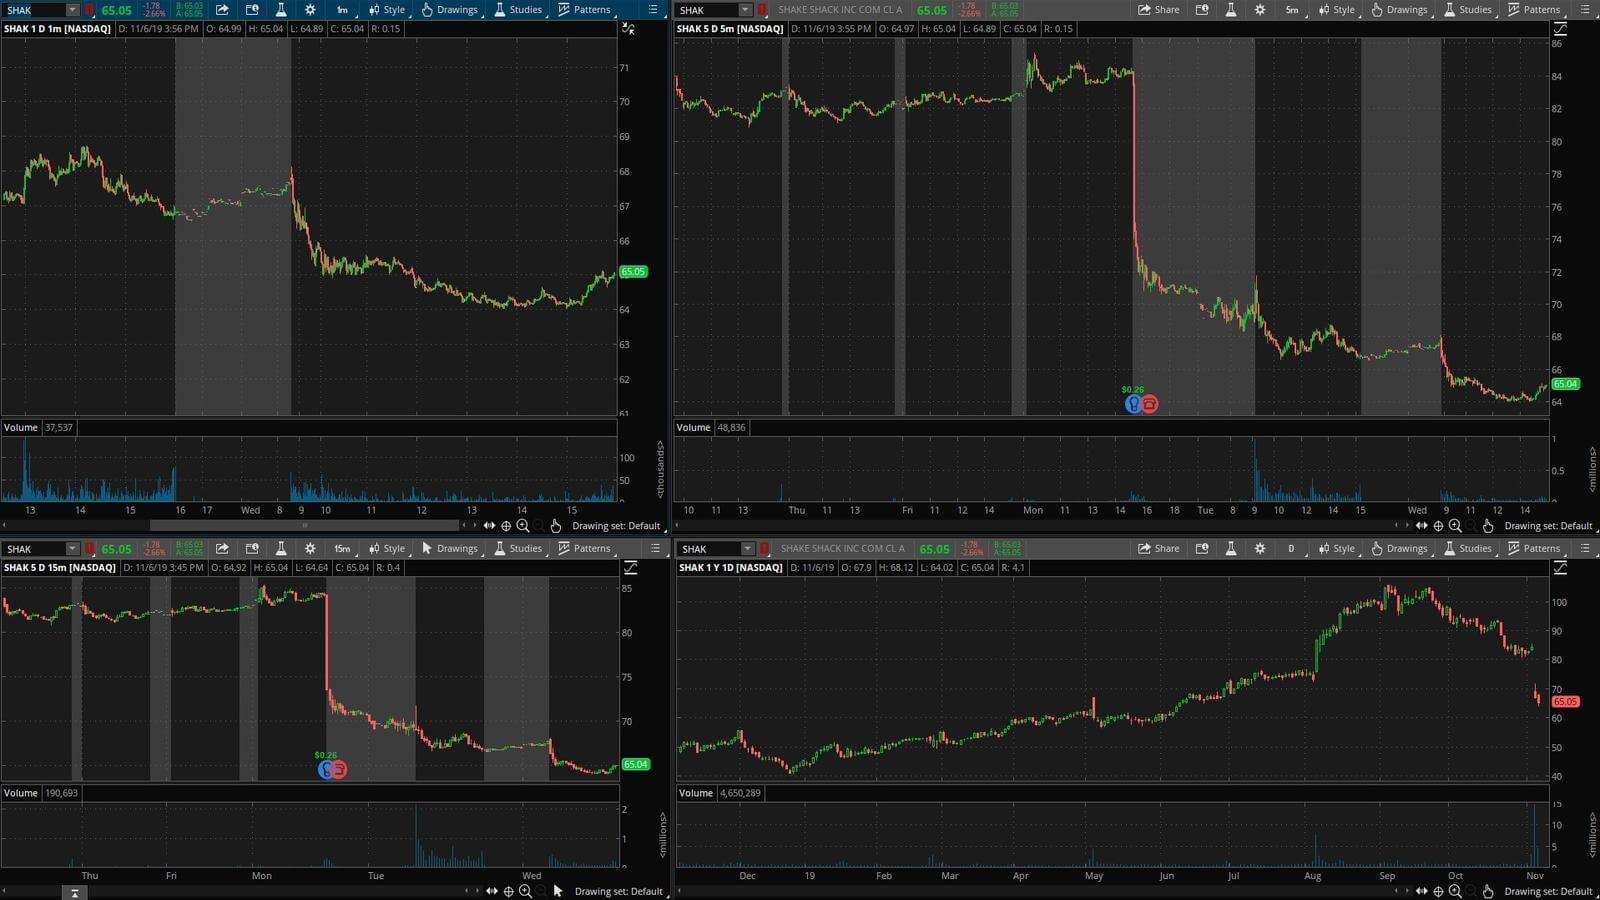 SHAK - график акции на фондовой бирже